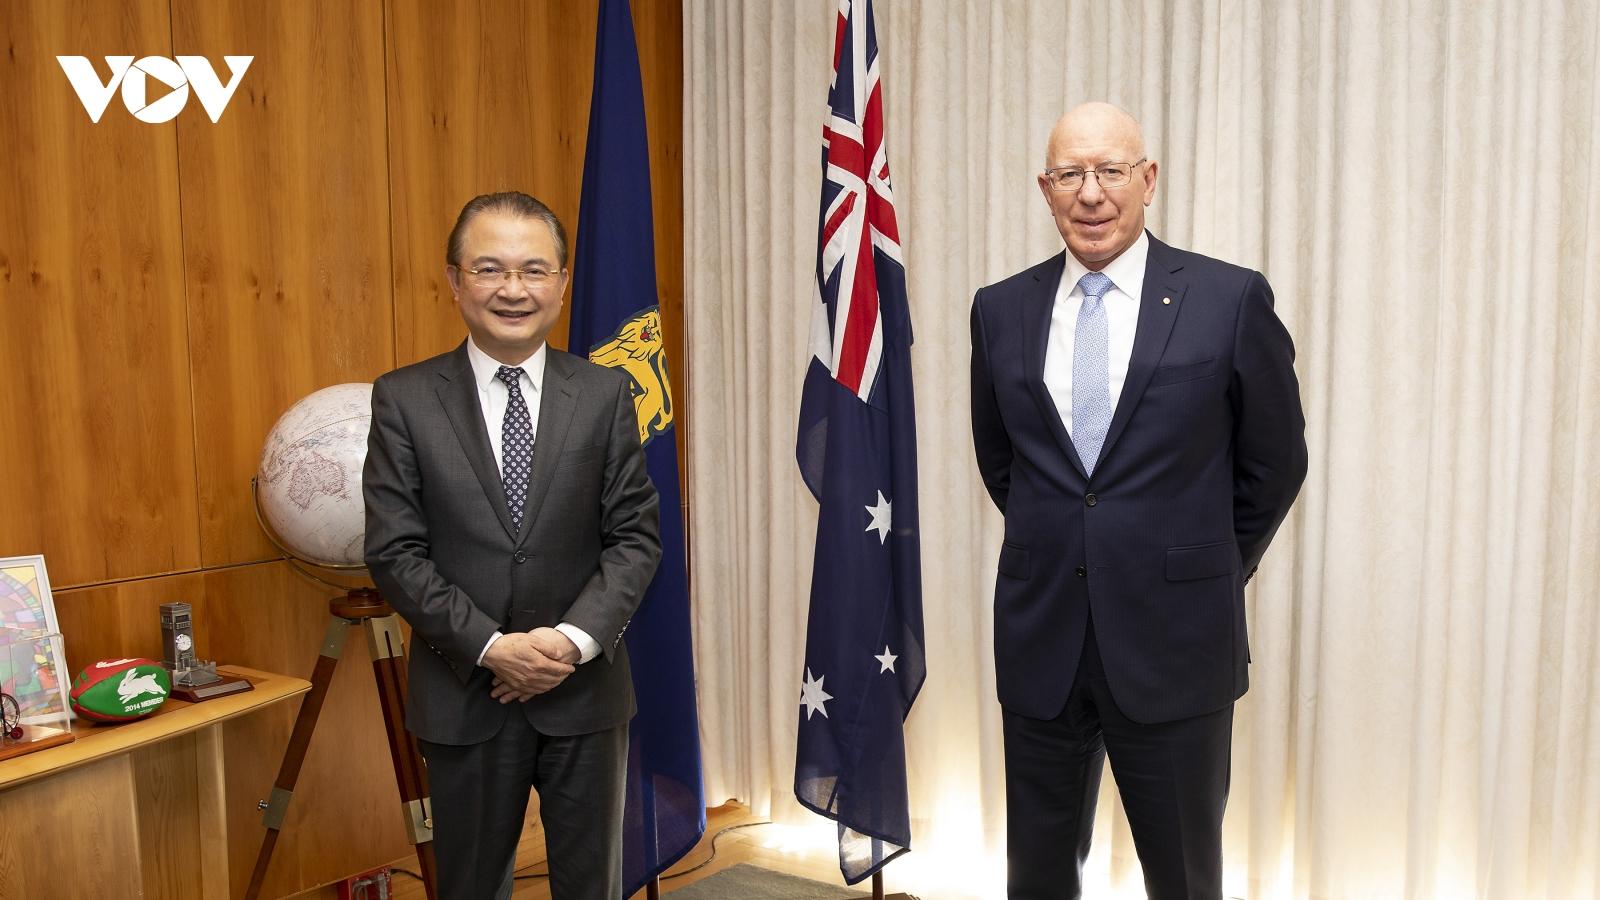 Đại sứ Ngô Hướng Nam chào từ biệt Toàn quyền Australia